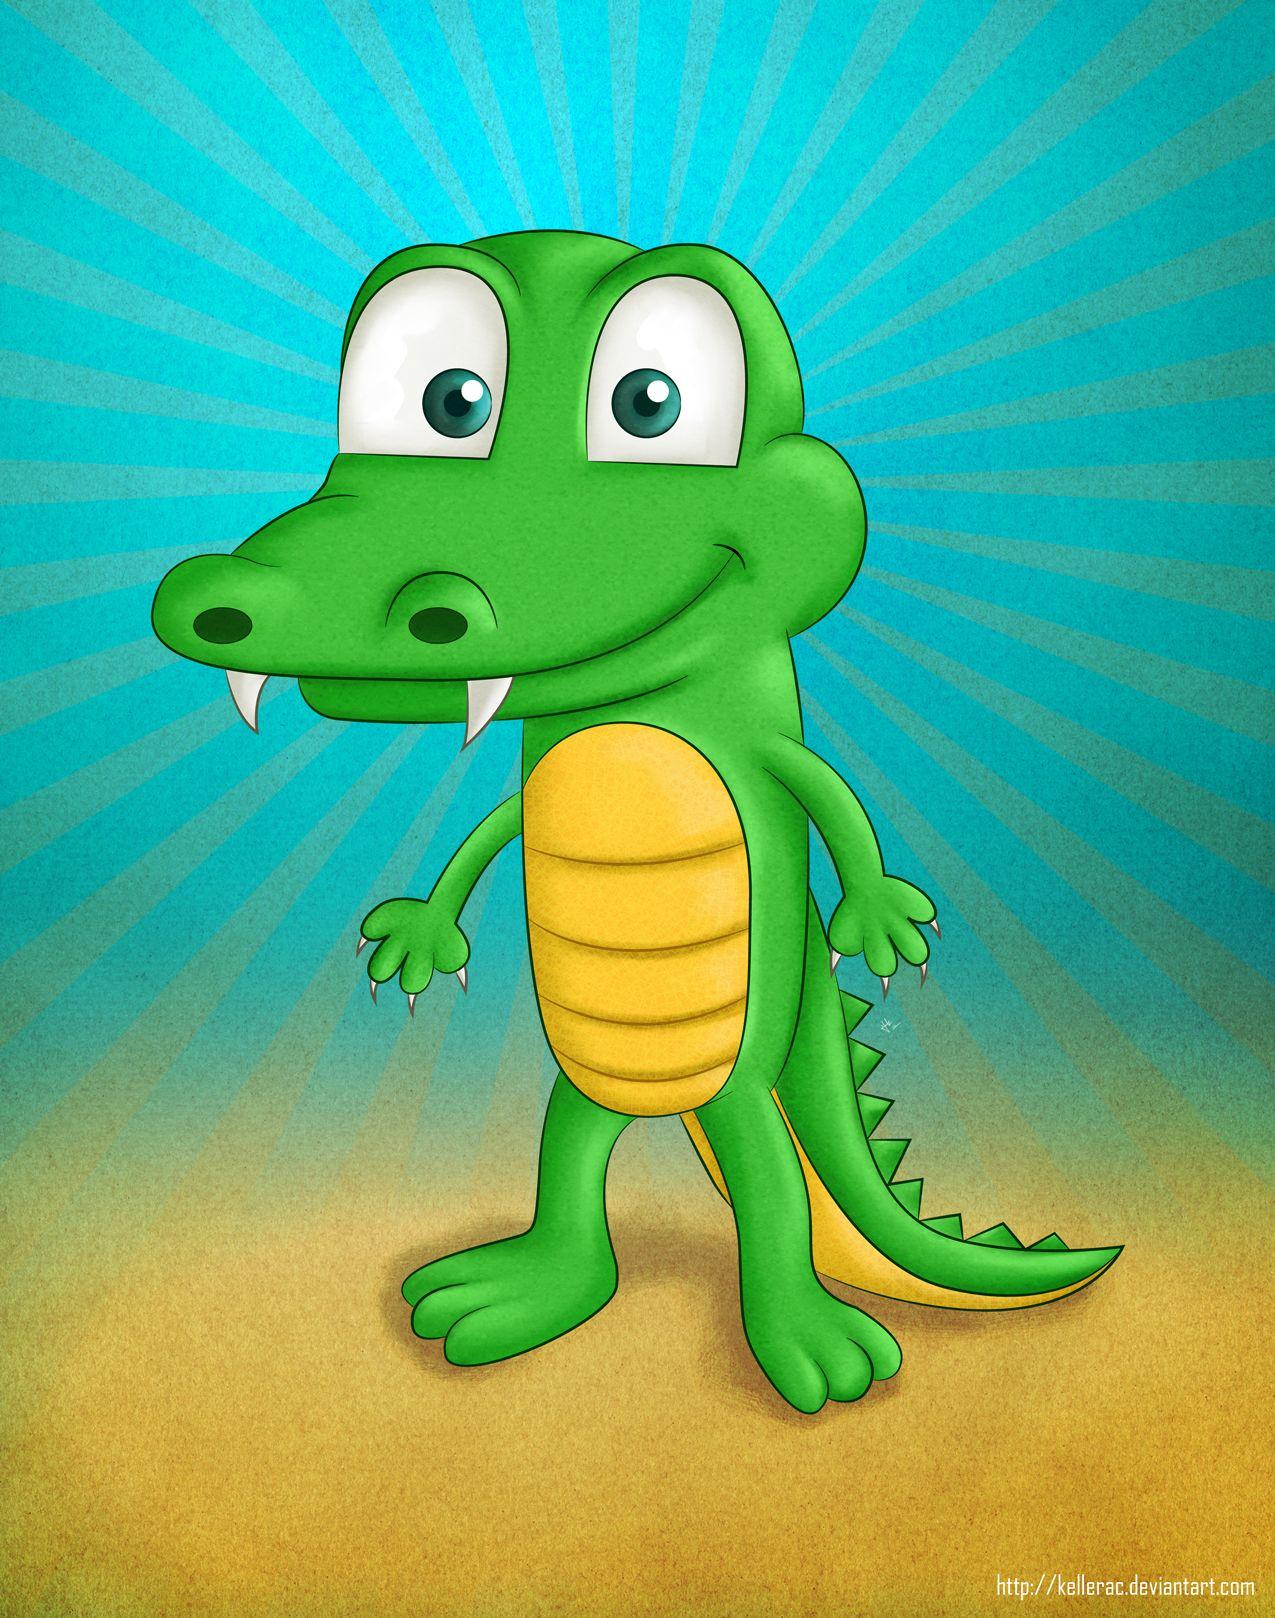 Cartoon Crocodile Cocodrilo De Caricatura Animal